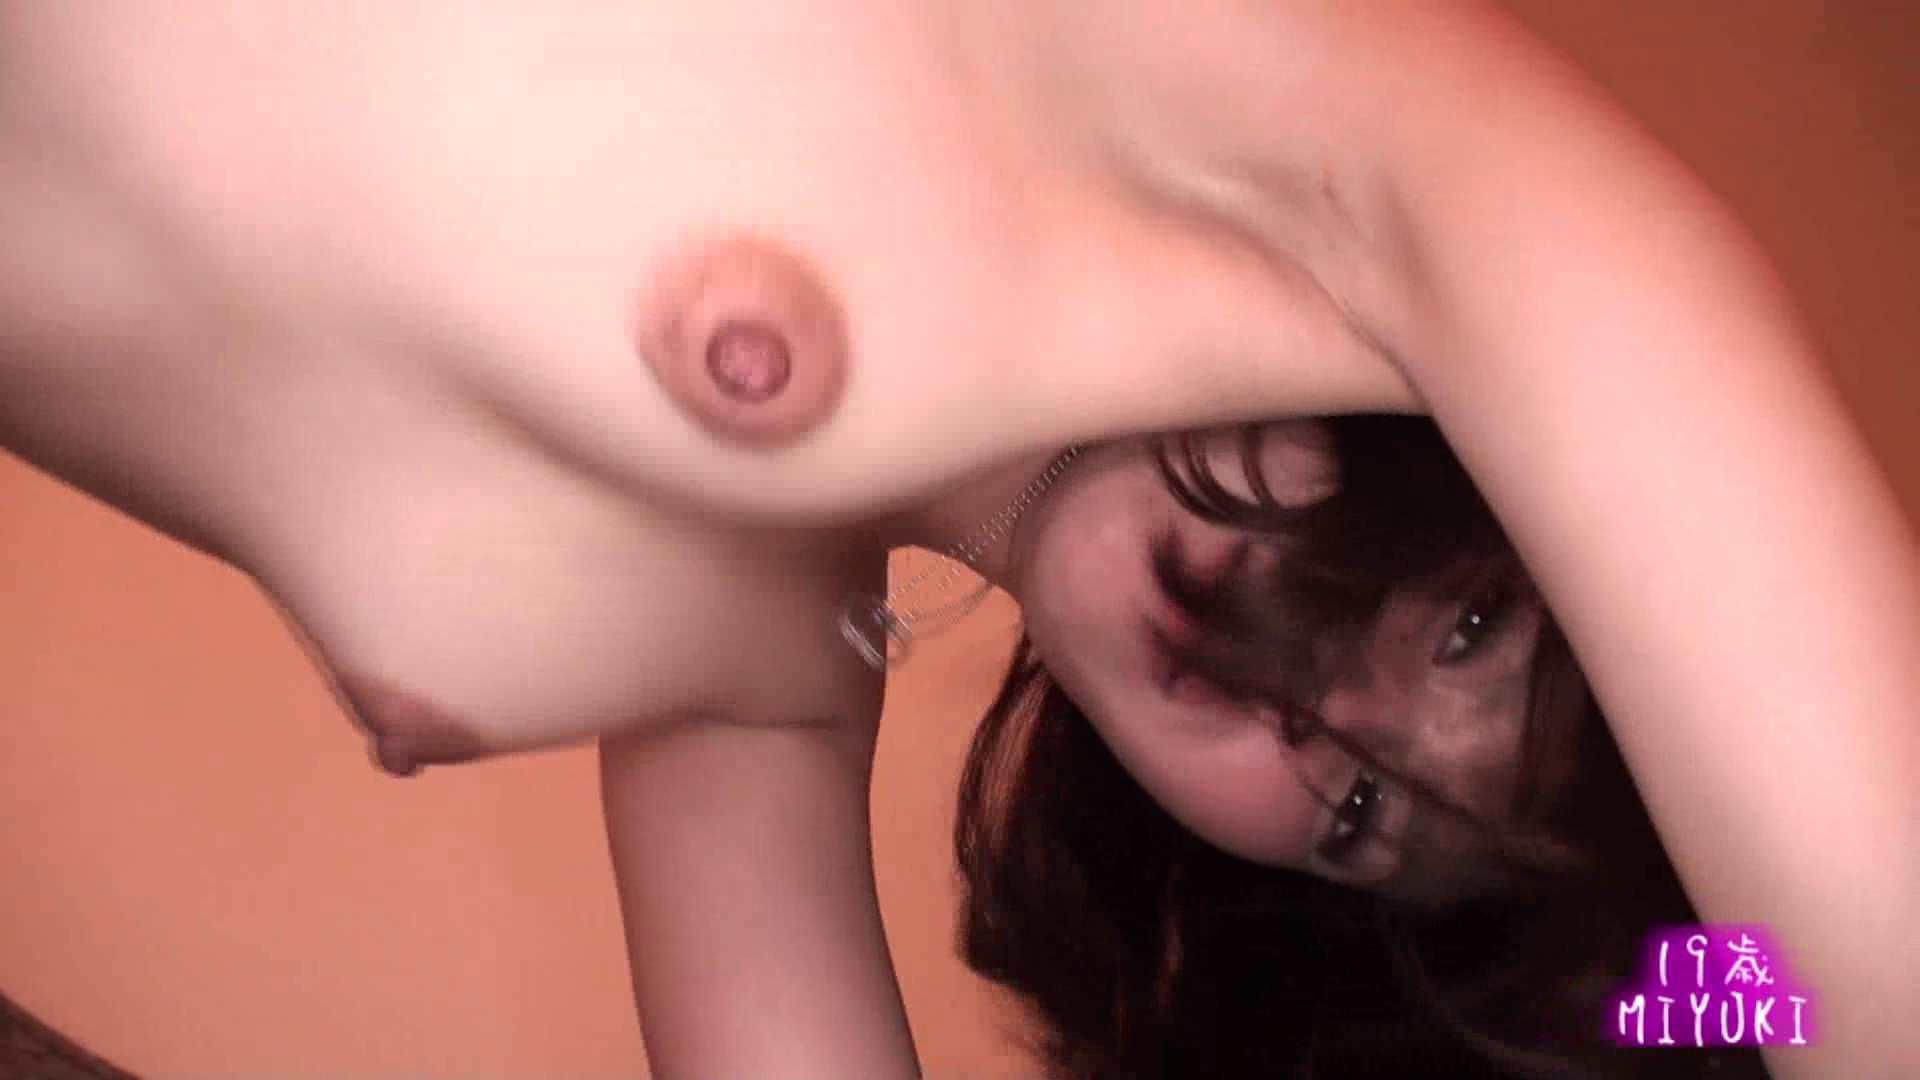 セックスアダルト動画|MIYUKIちゃん生挿入もう後戻りできません。|大奥